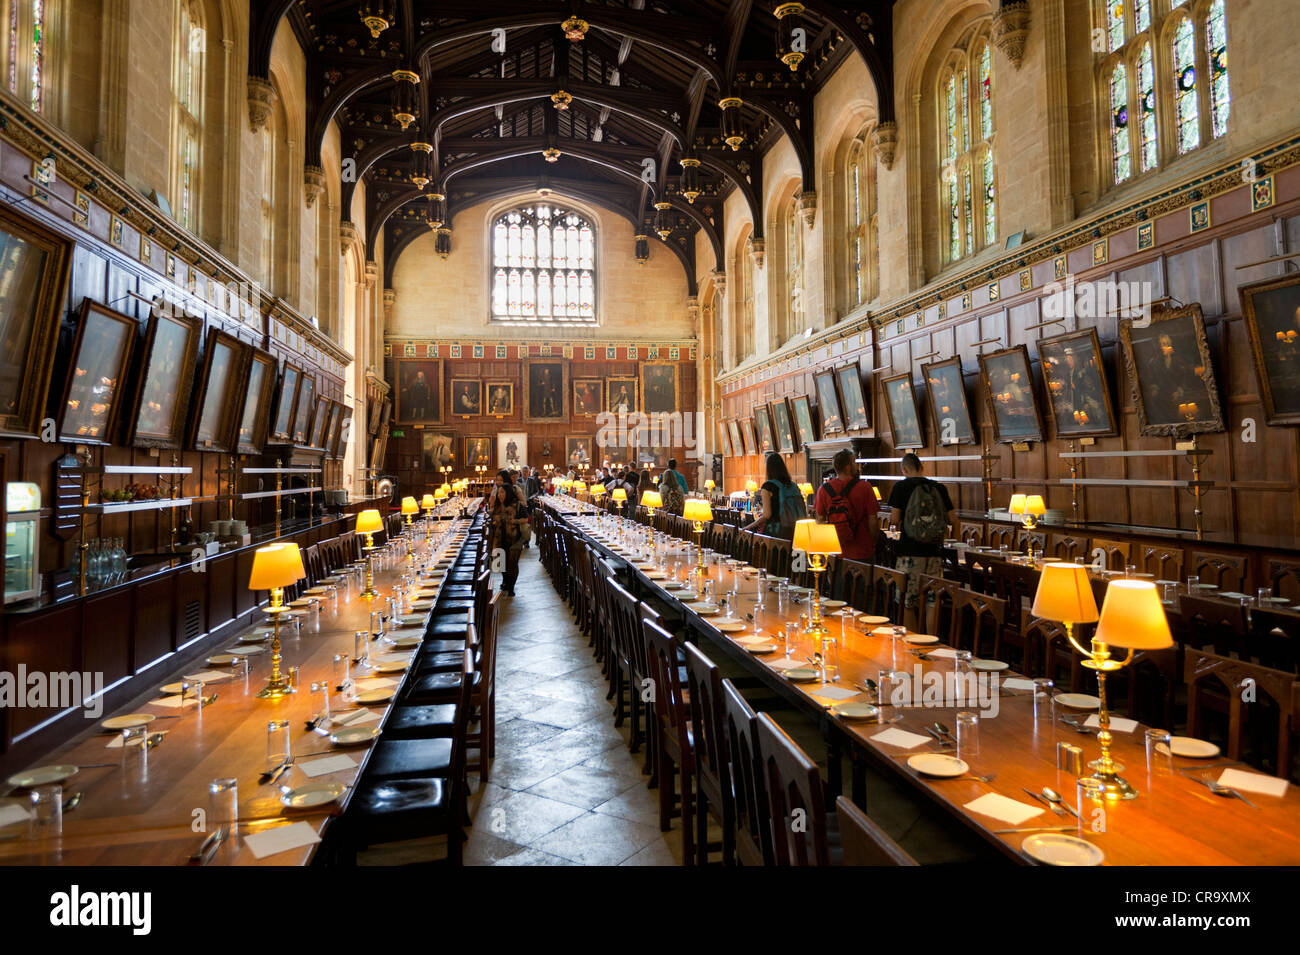 Christ Church College Gran salón comedor de la Universidad de Oxford Oxfordshire Inglaterra GB Europa UE Imagen De Stock